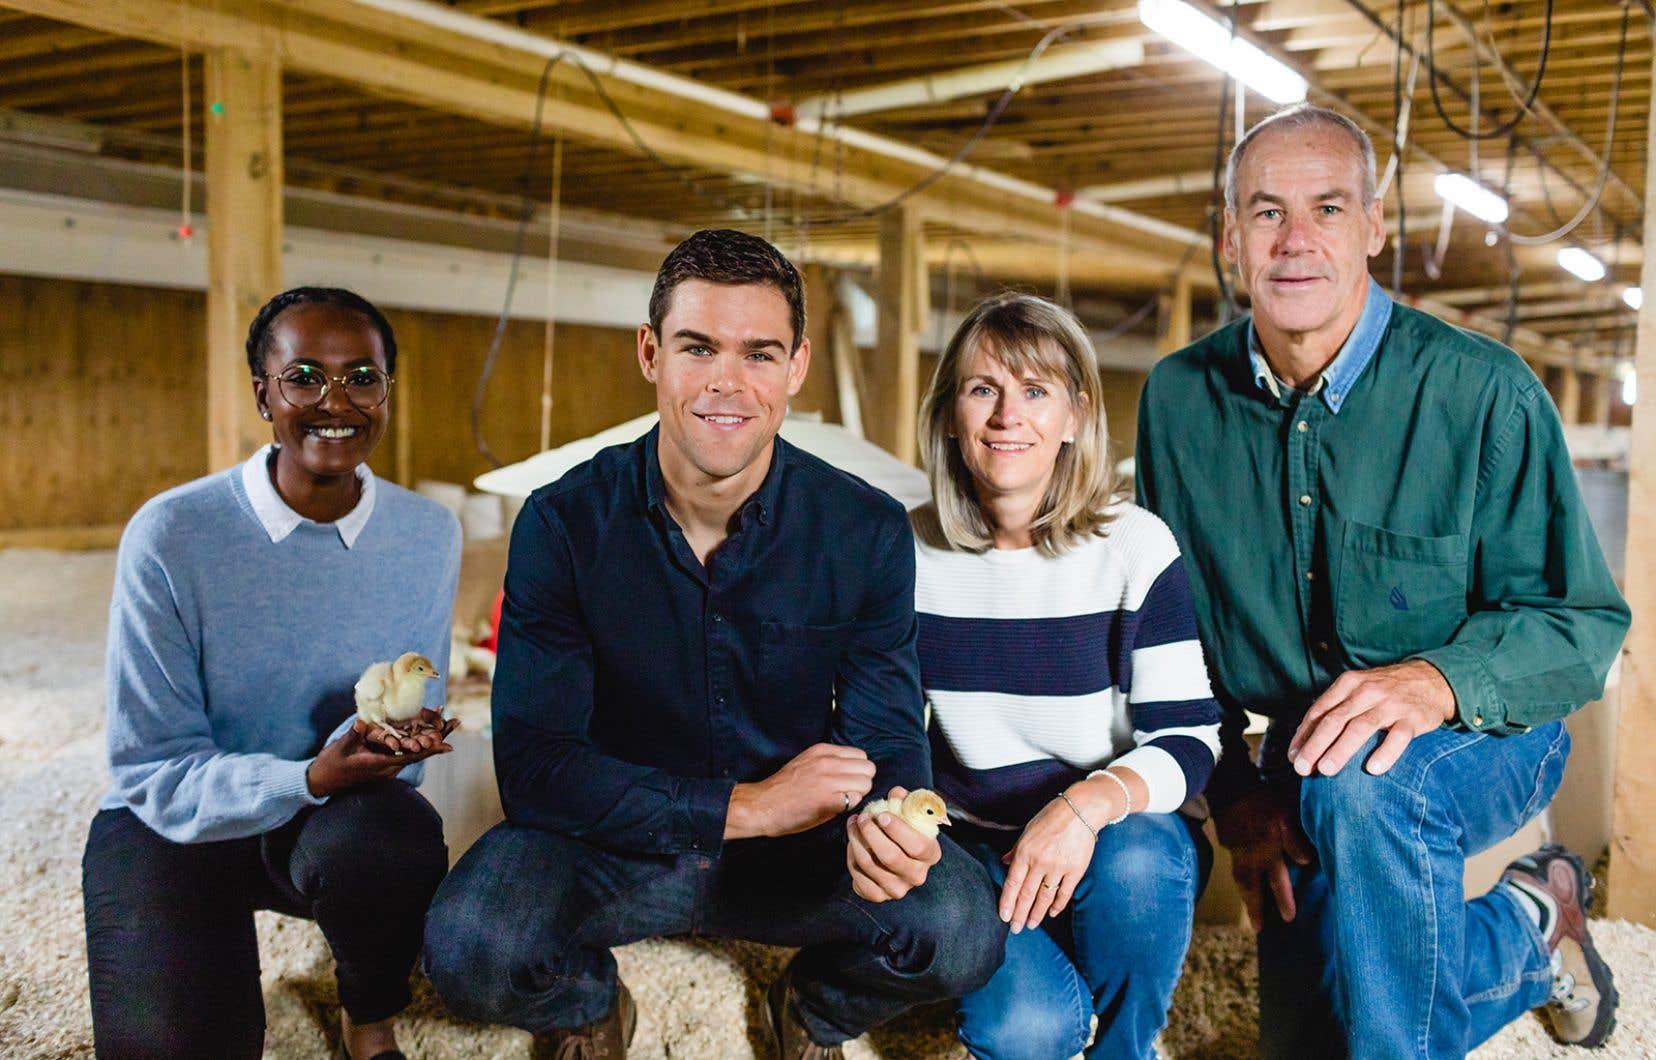 L'élevage de dindons, ils en font une affaire de famille! De gauche à droite, Werda Saeed, Lucas McCartney, Cathy Shannon et Kurt McCartney.